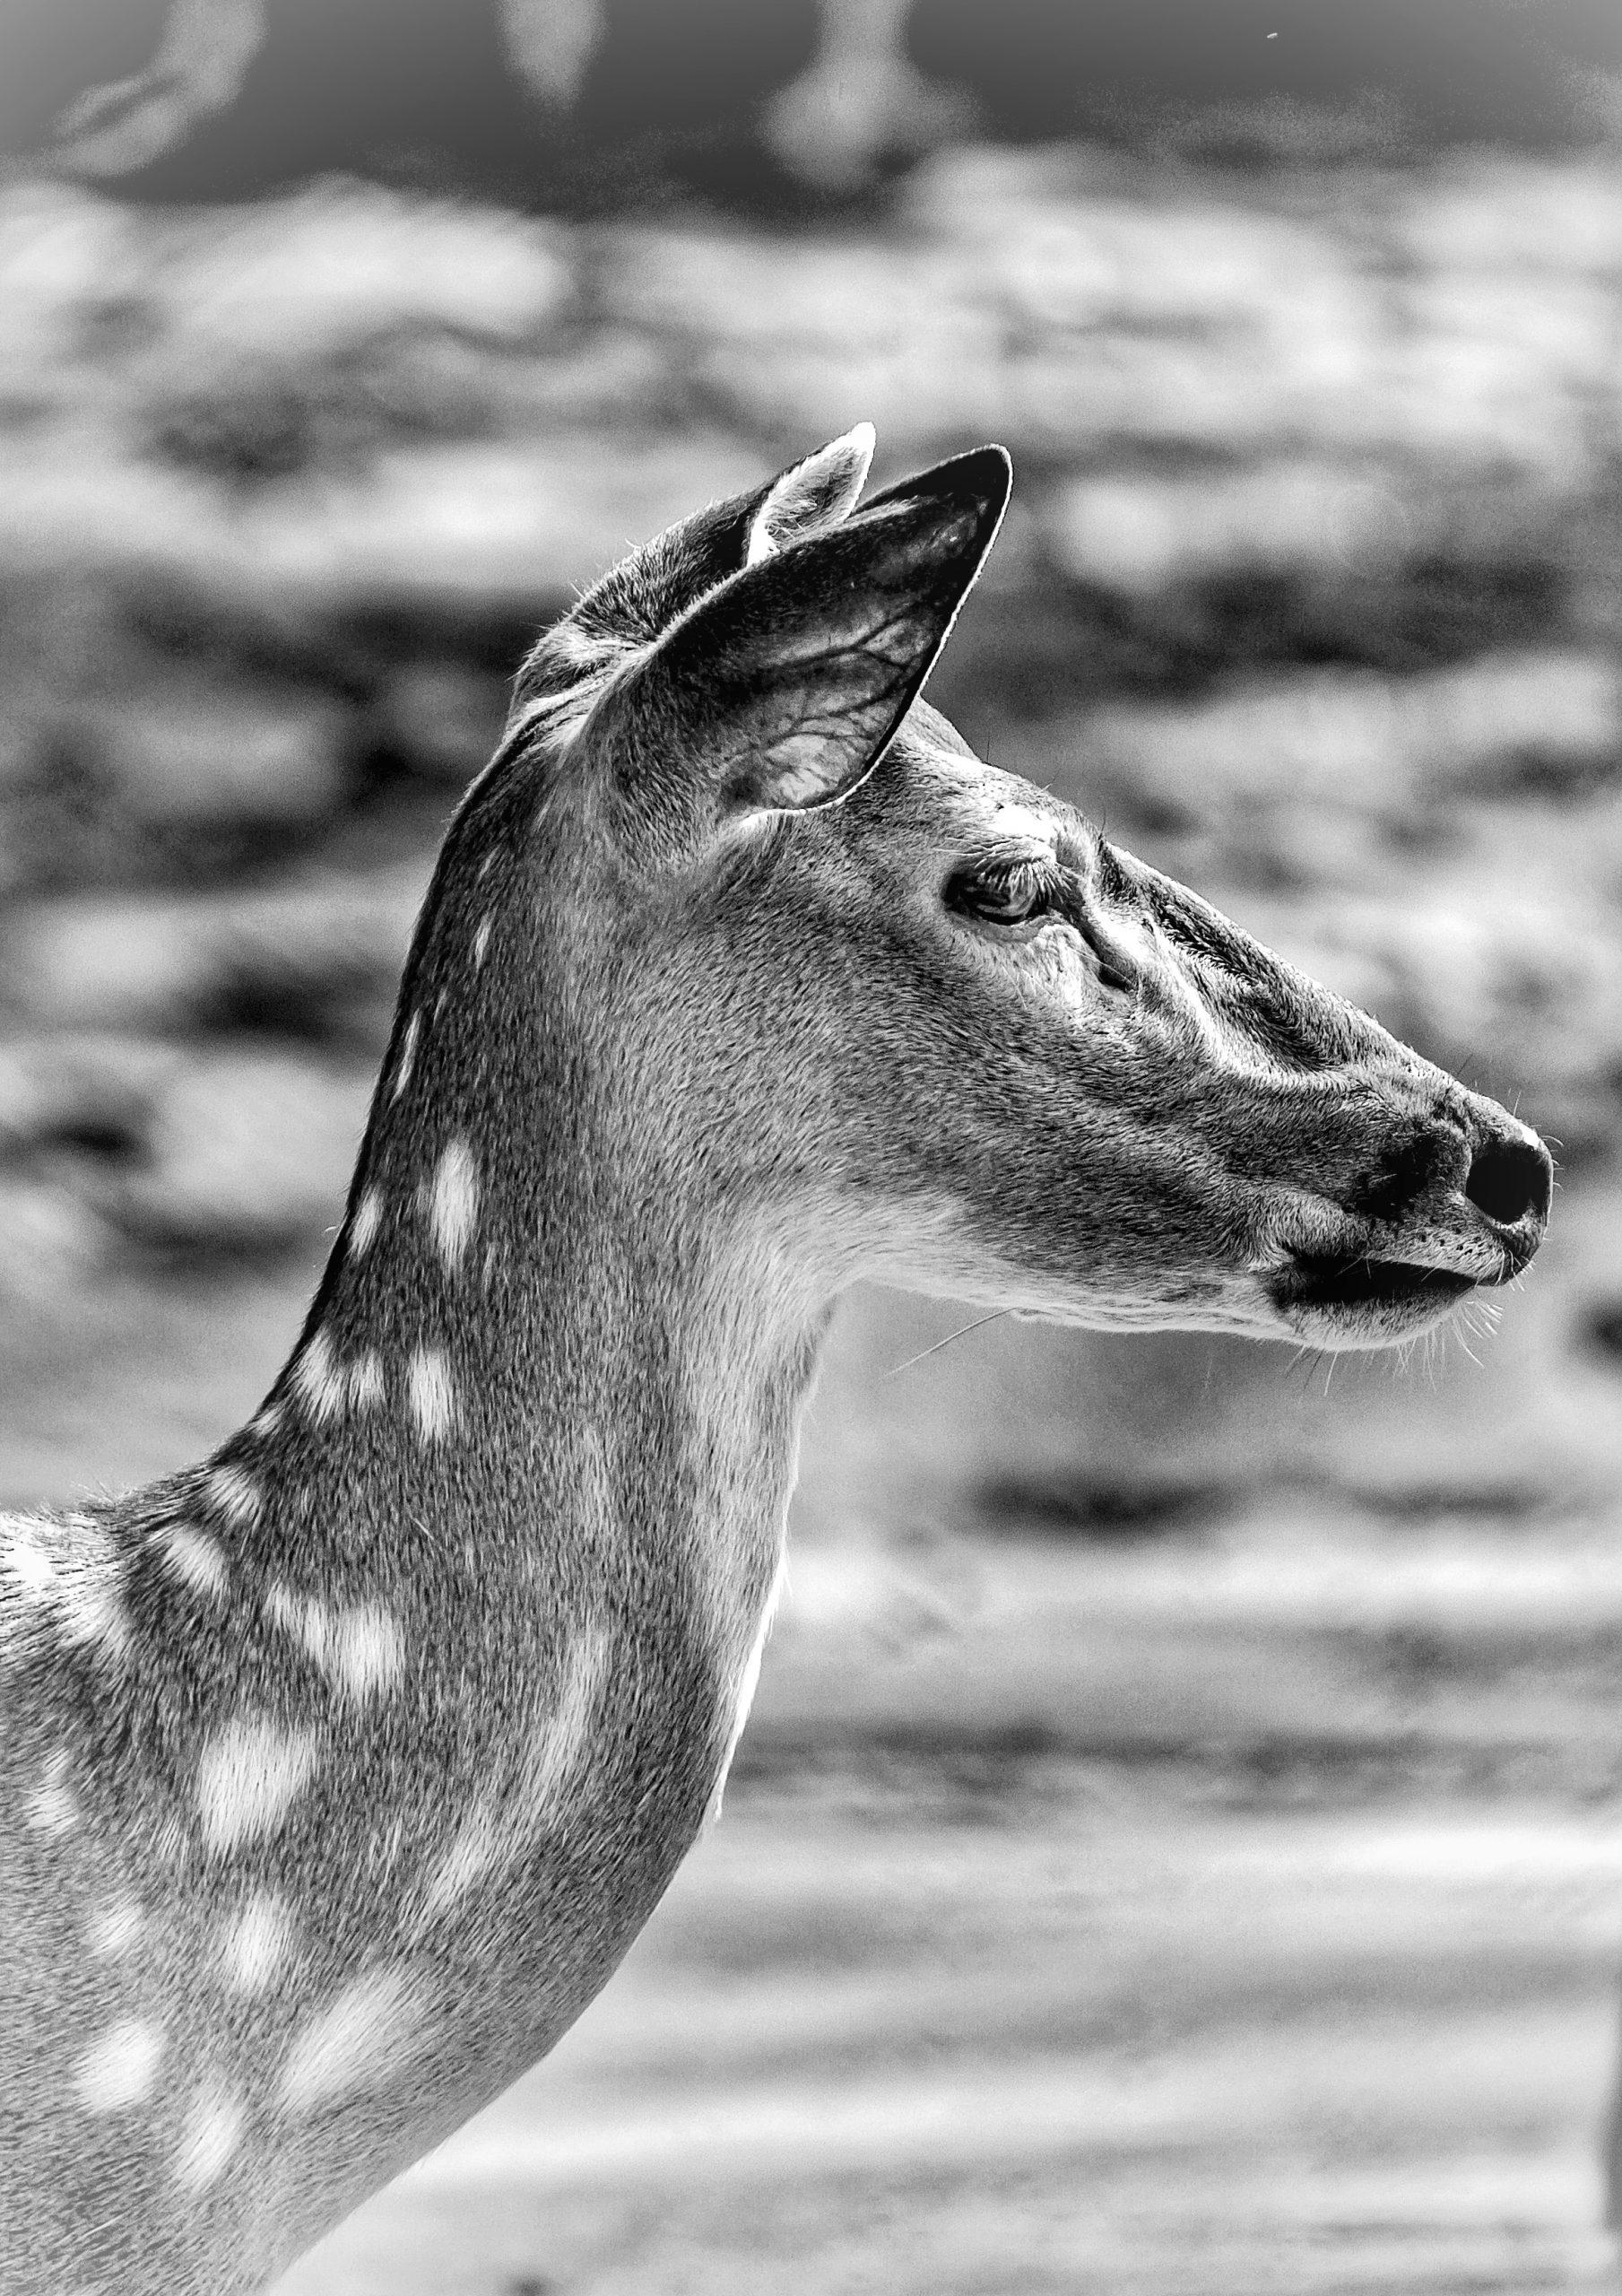 Deer in monochrome